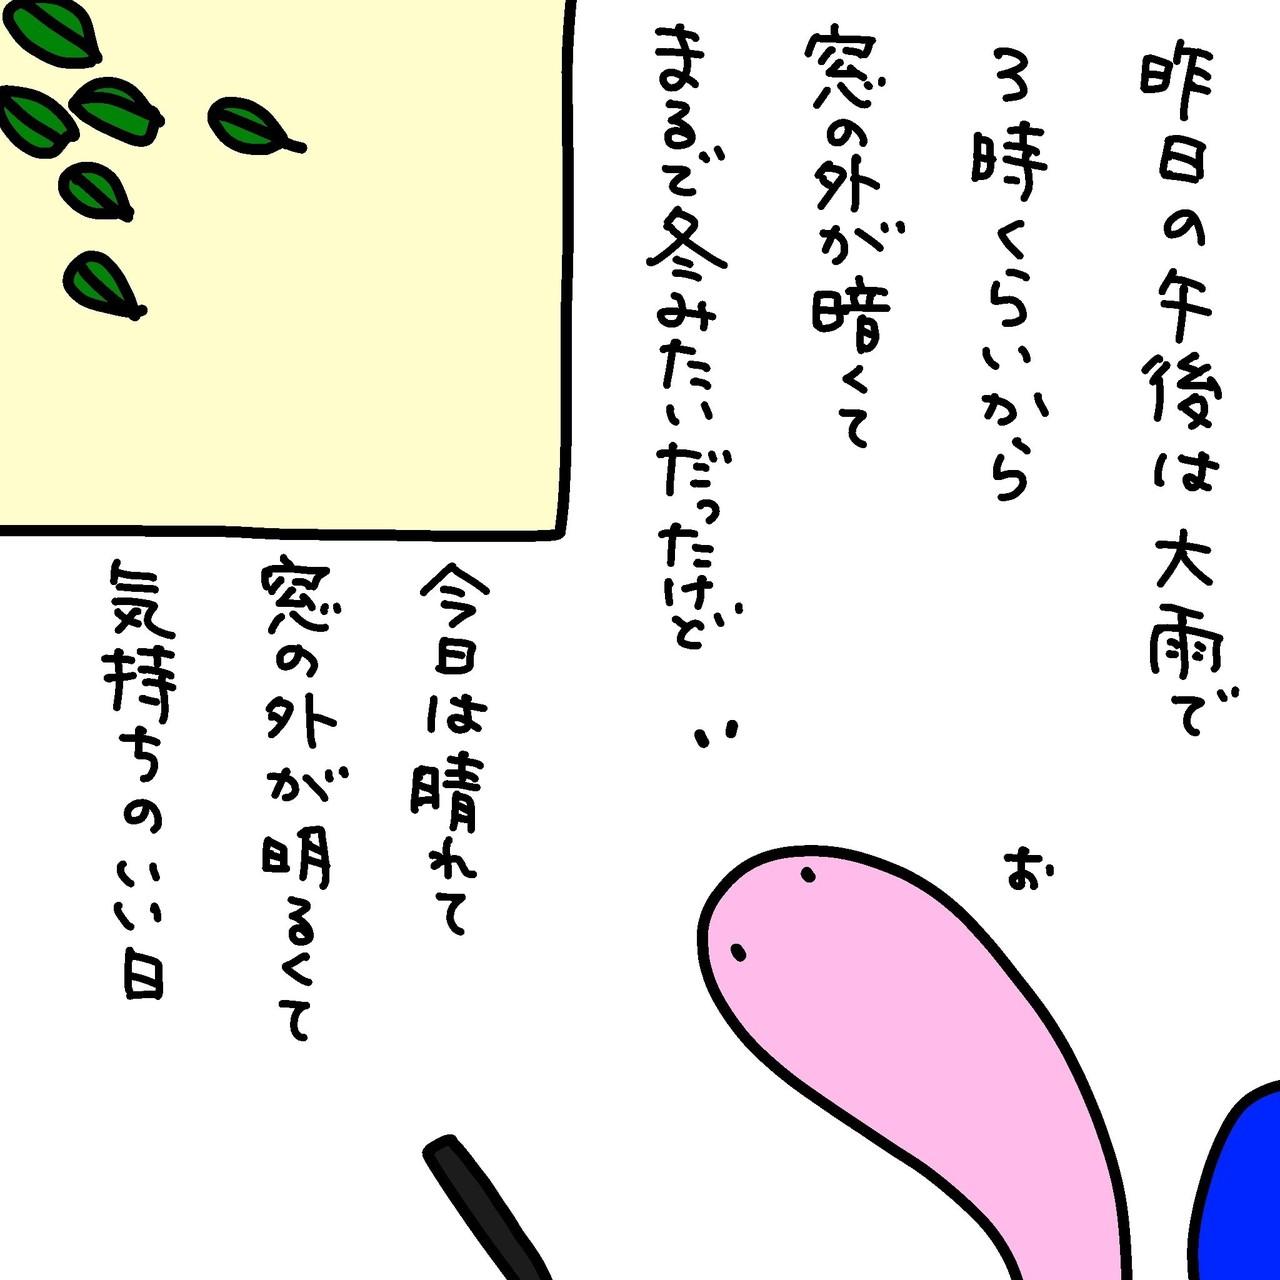 ファイル_2019-08-30_0_52_25